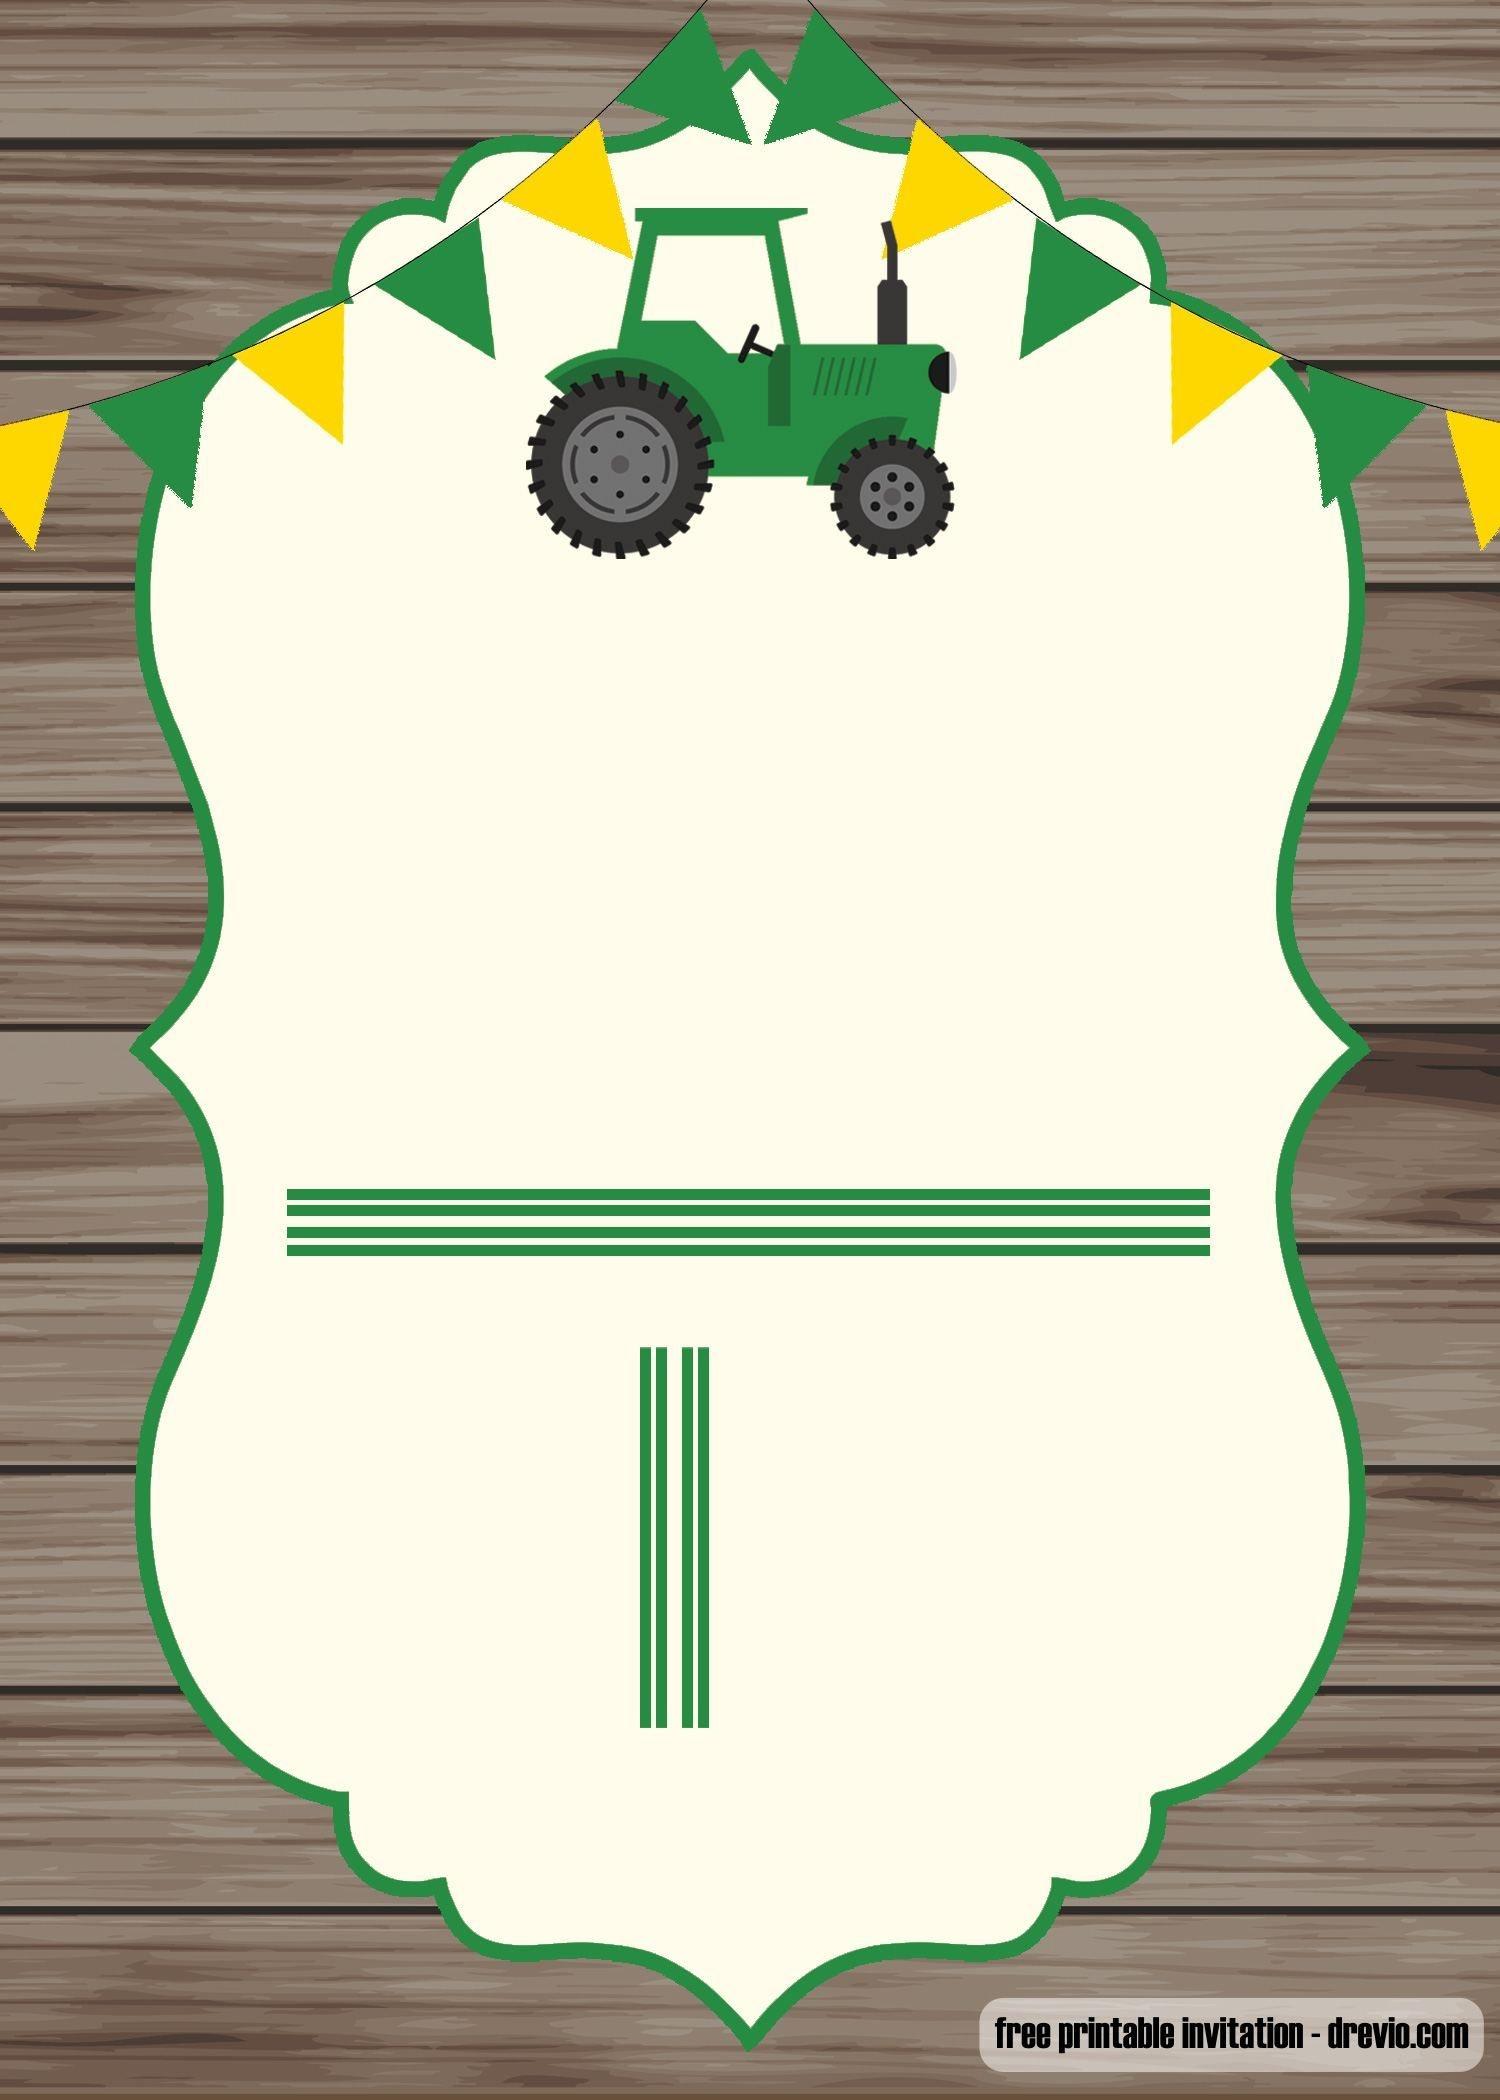 Free Printable John Deere Invitation Template | Baby 3! | Free - Free Printable John Deere Baby Shower Invitations